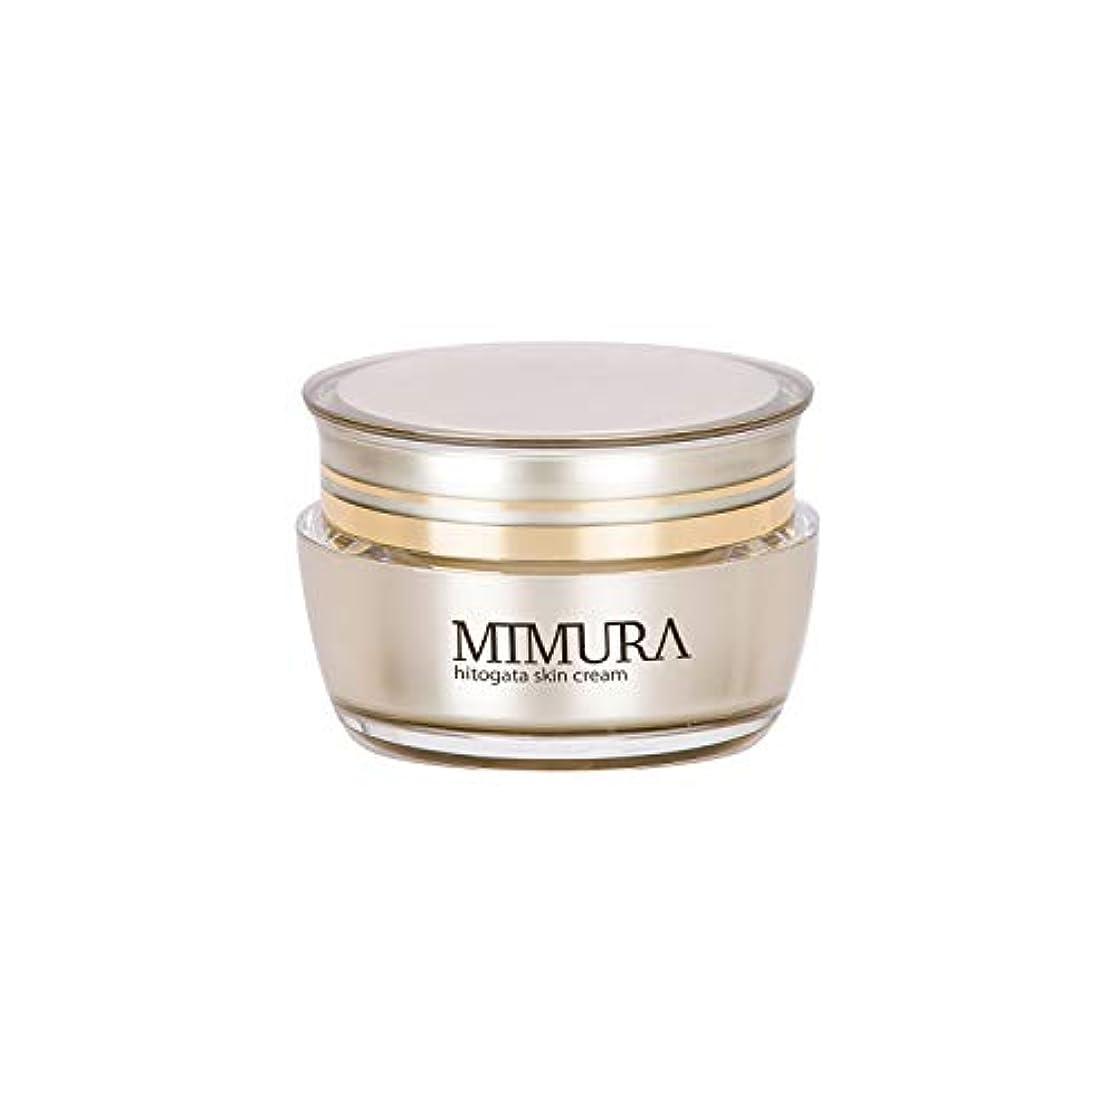 姿勢選択するパワーヒト幹細胞 保湿クリーム ブースター ミムラ hitogata スキン クリーム 30g MIMURA 日本製